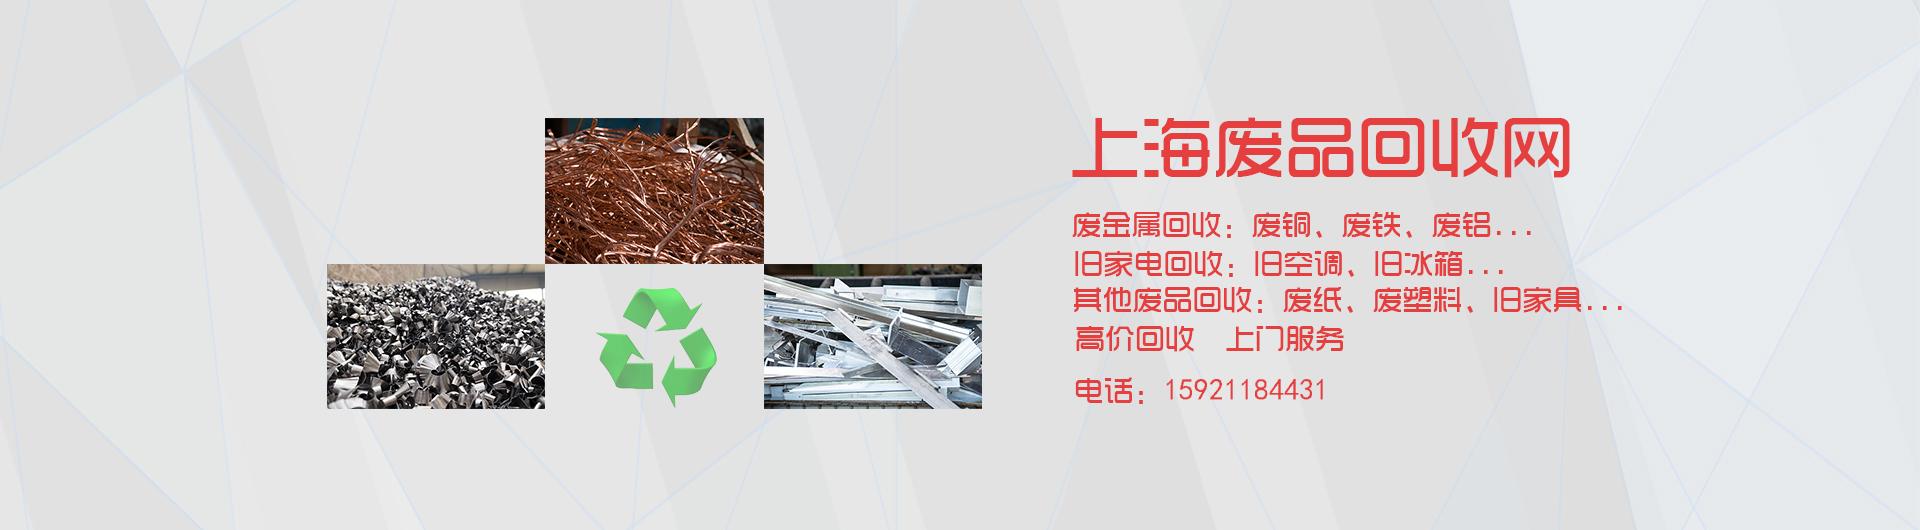 上海必威手机客户端下载必威体育手机版本下载公司